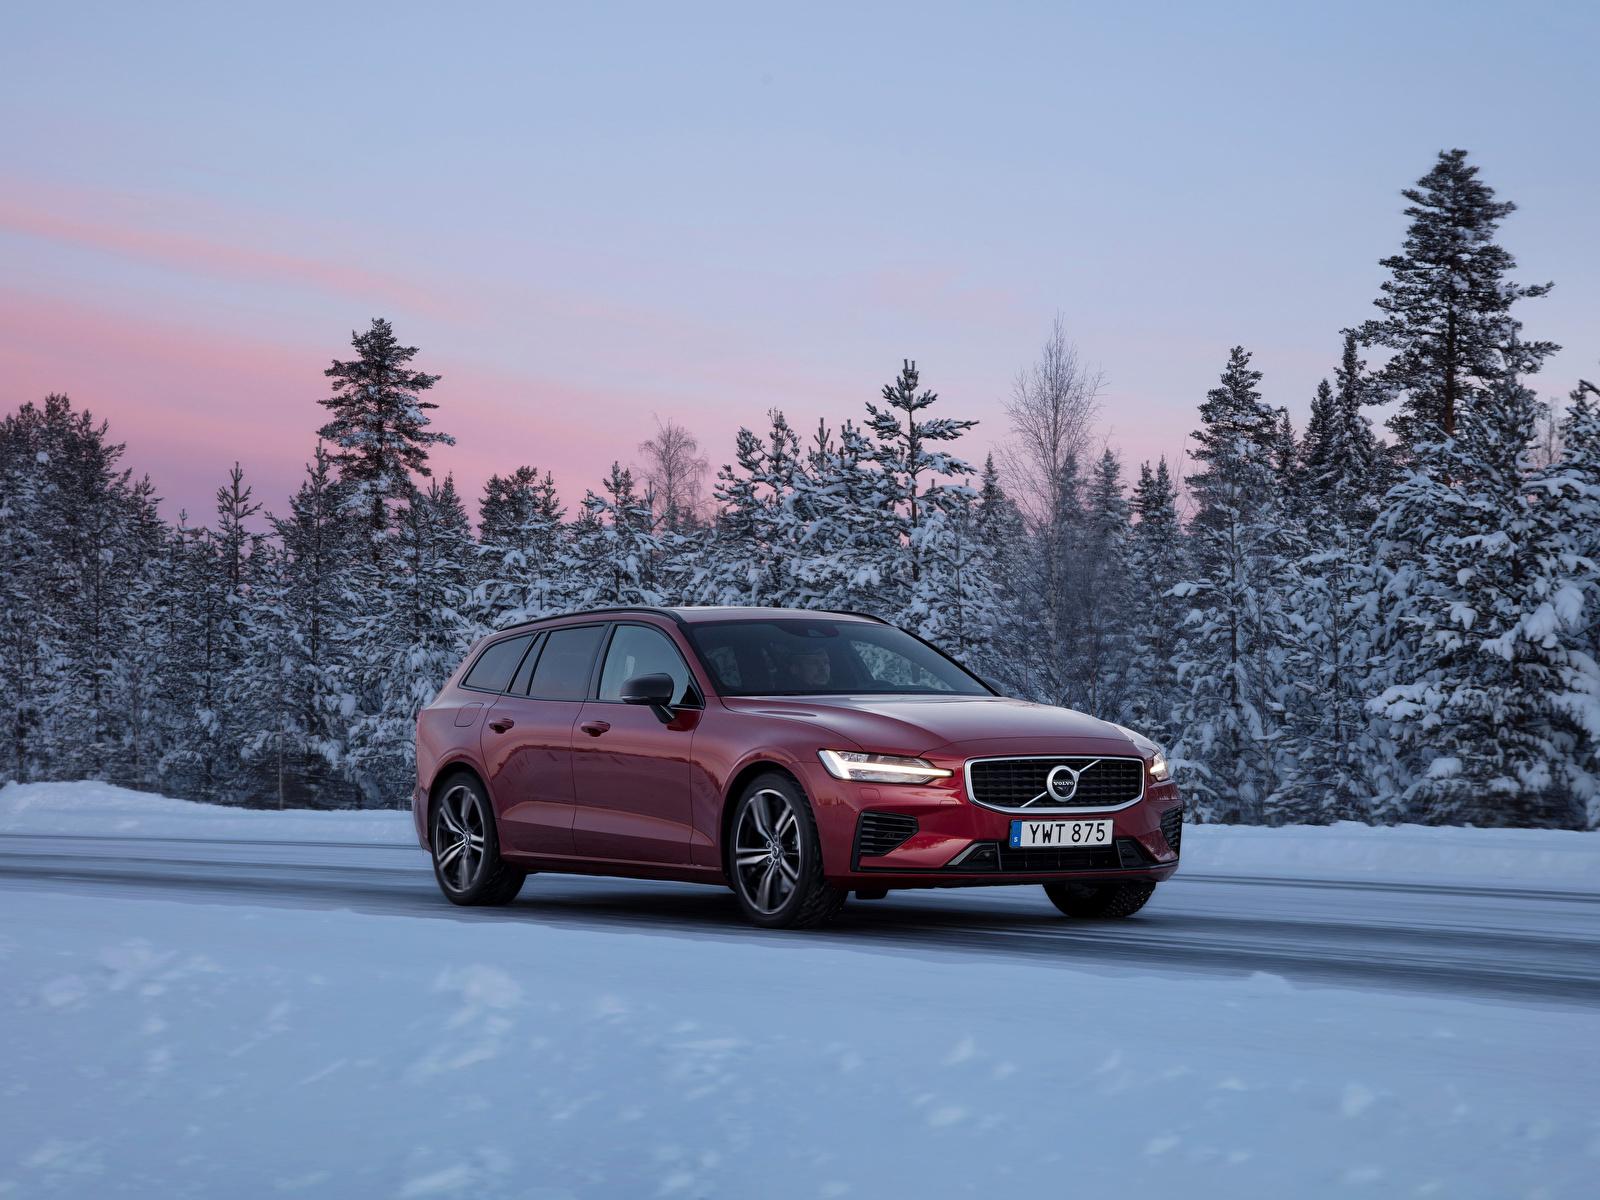 Картинки Вольво 2018-19 V60 T8 R-Design Worldwide бордовые авто Металлик 1600x1200 Volvo бордовая Бордовый темно красный машина машины автомобиль Автомобили